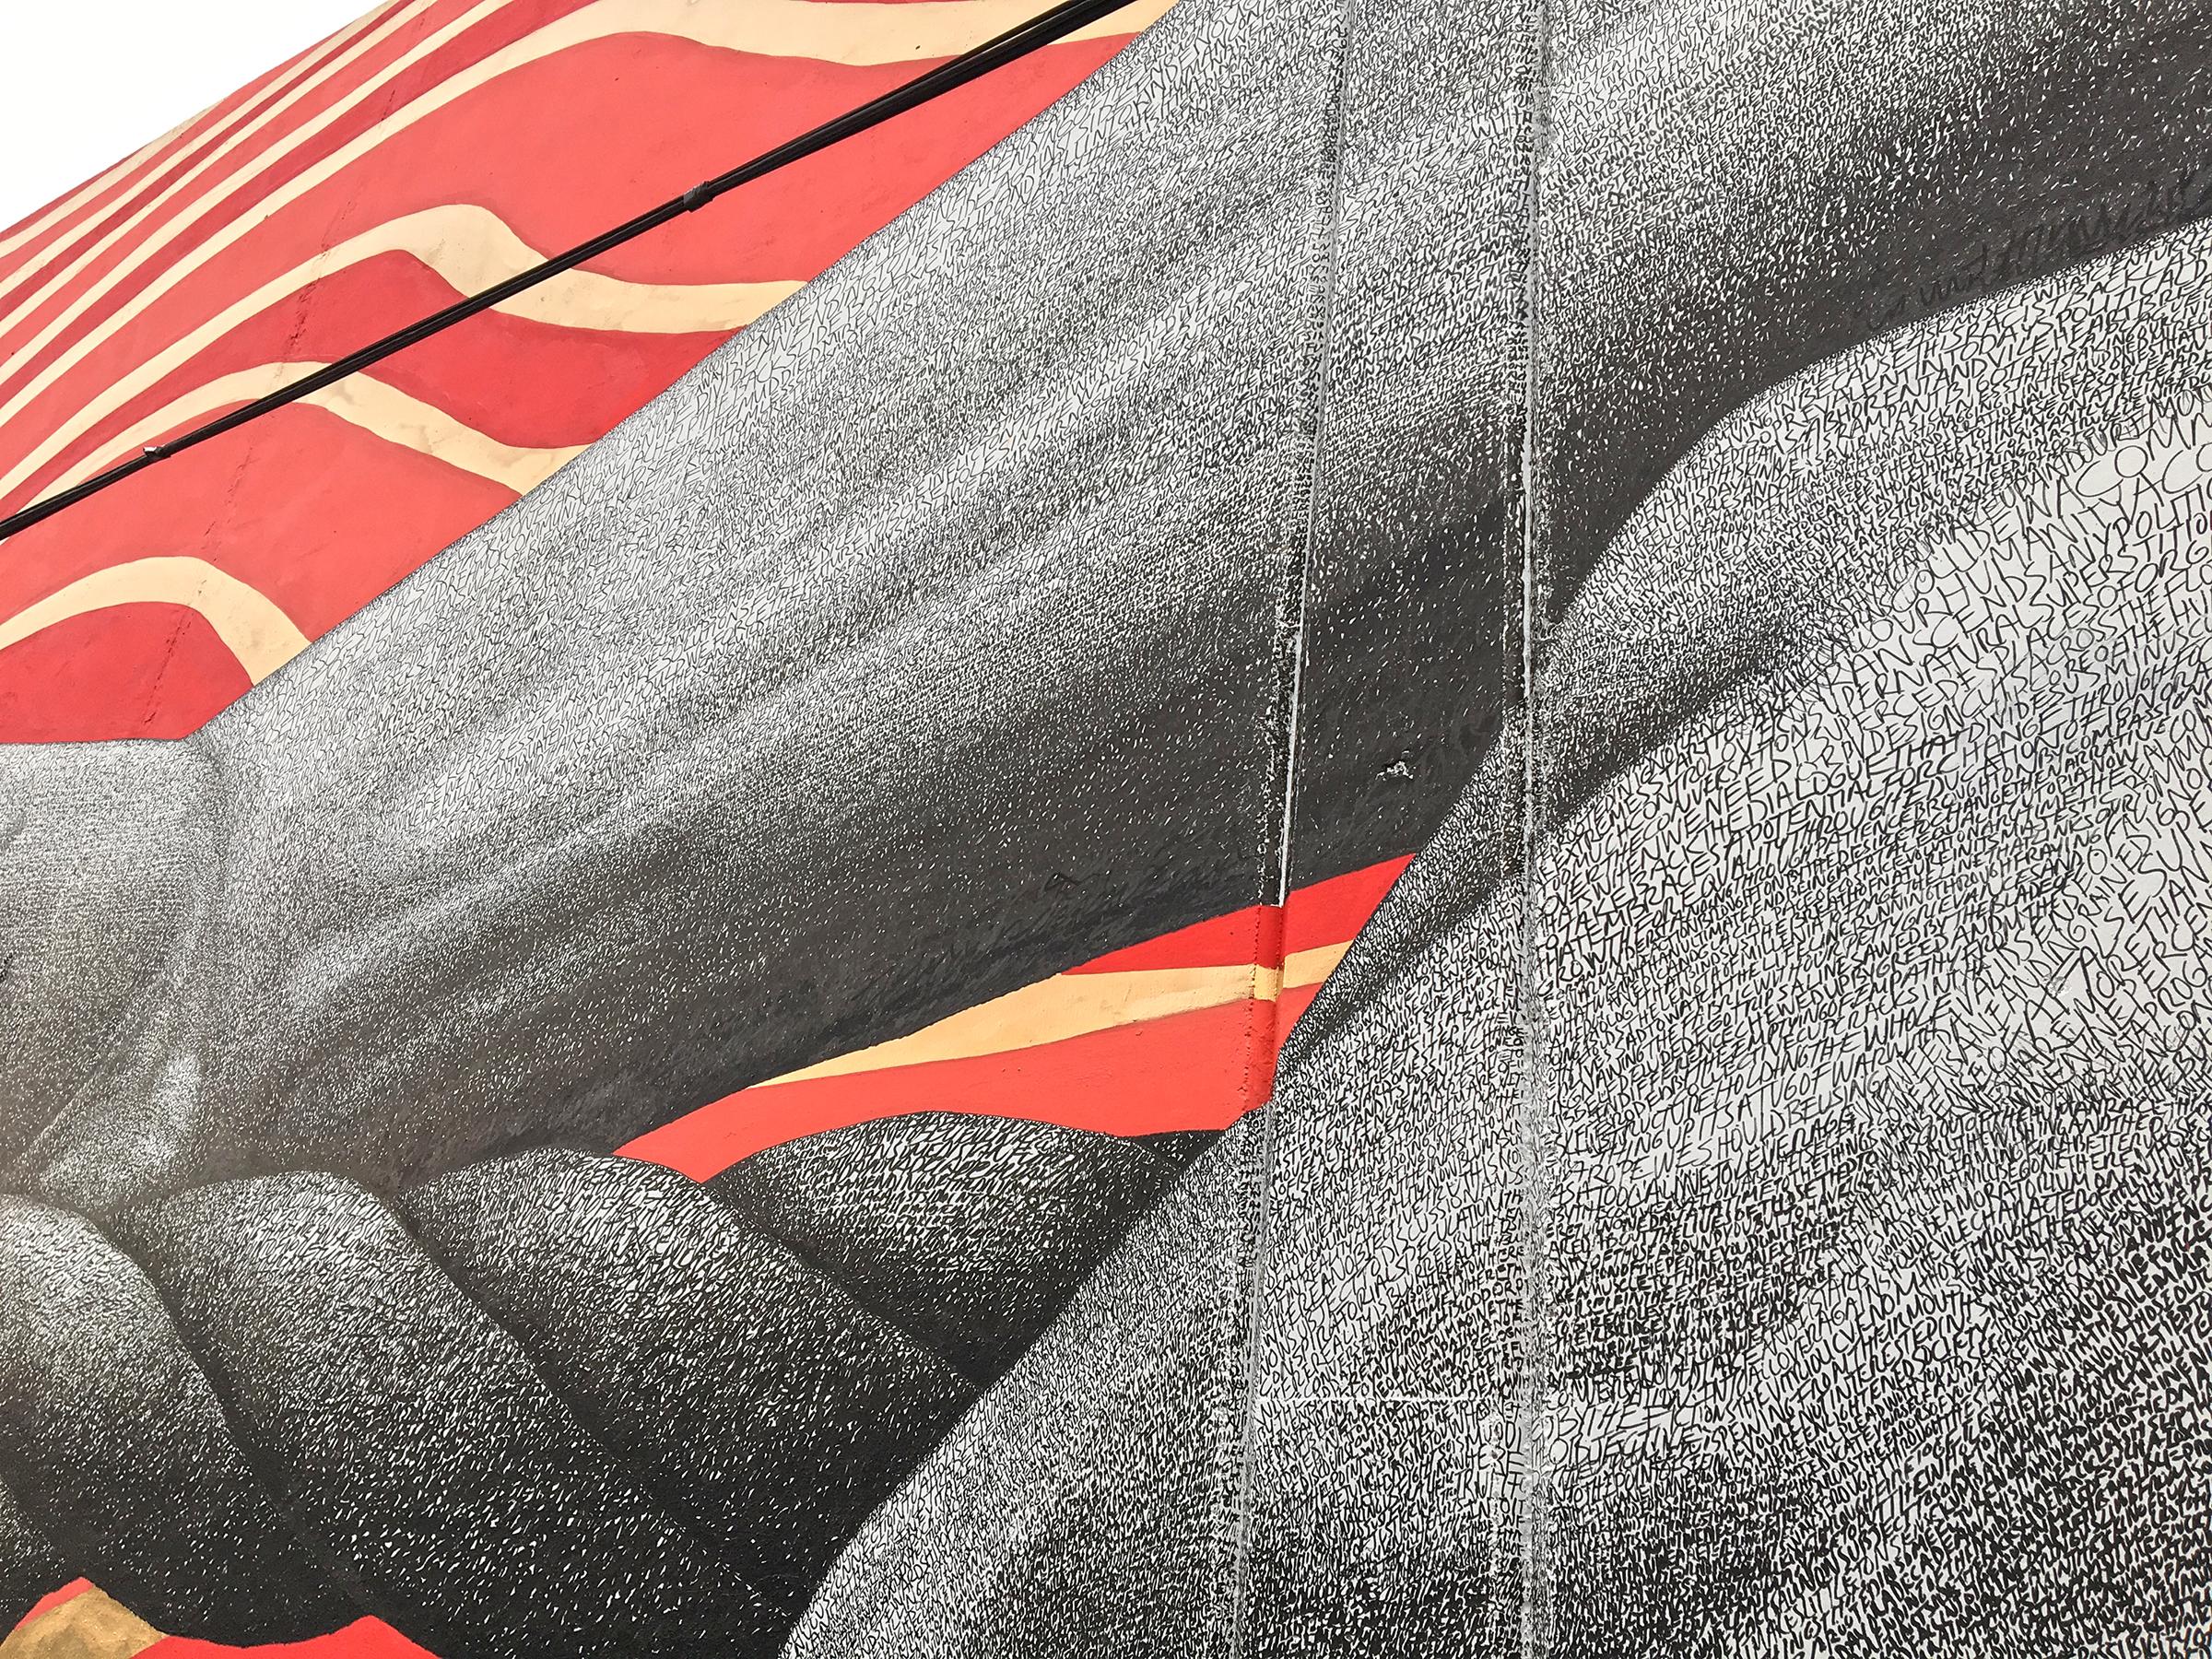 Detail XI